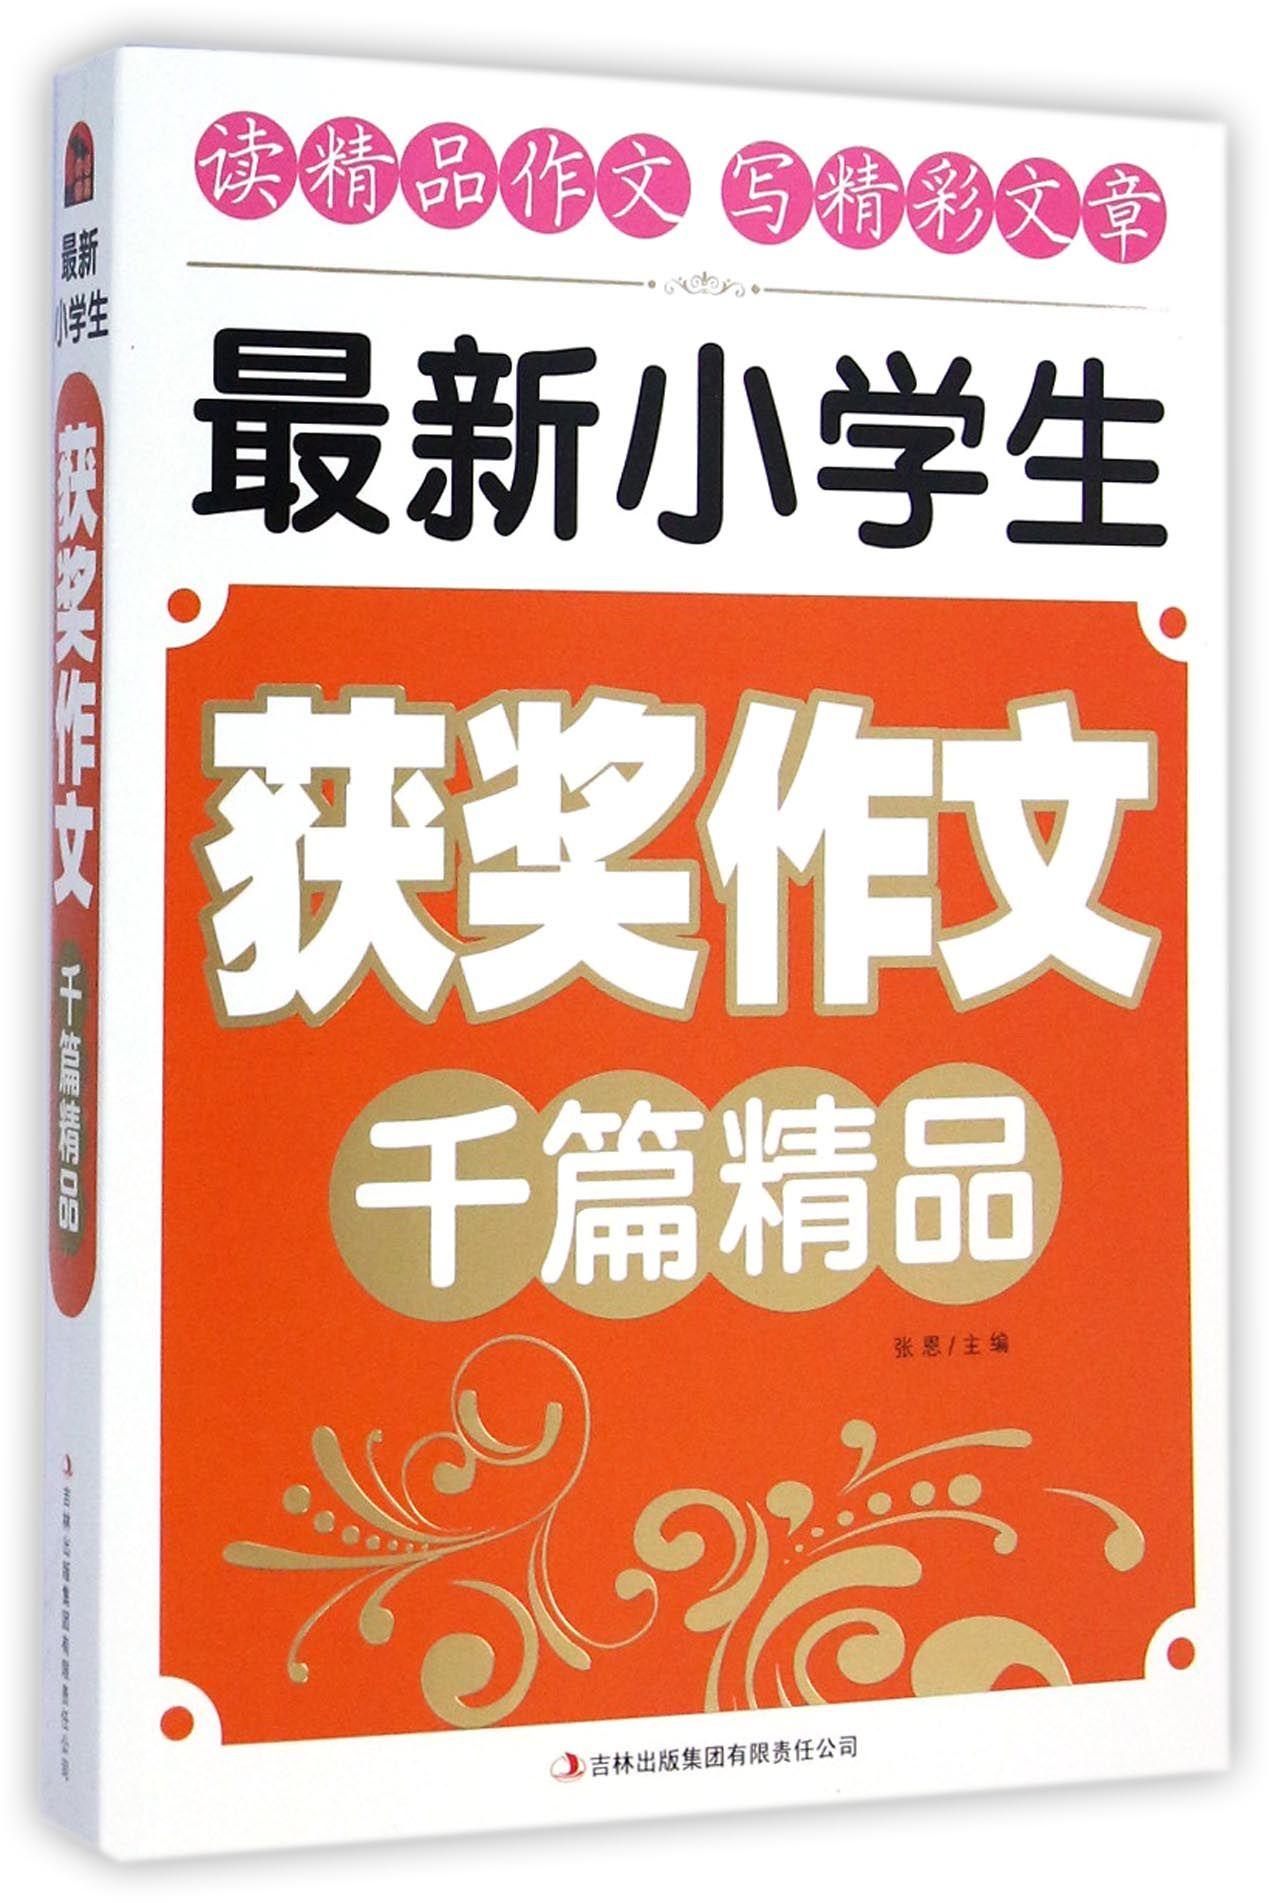 小学生500字小学/酷作文小丫-云书网作文v小学临沂市图片